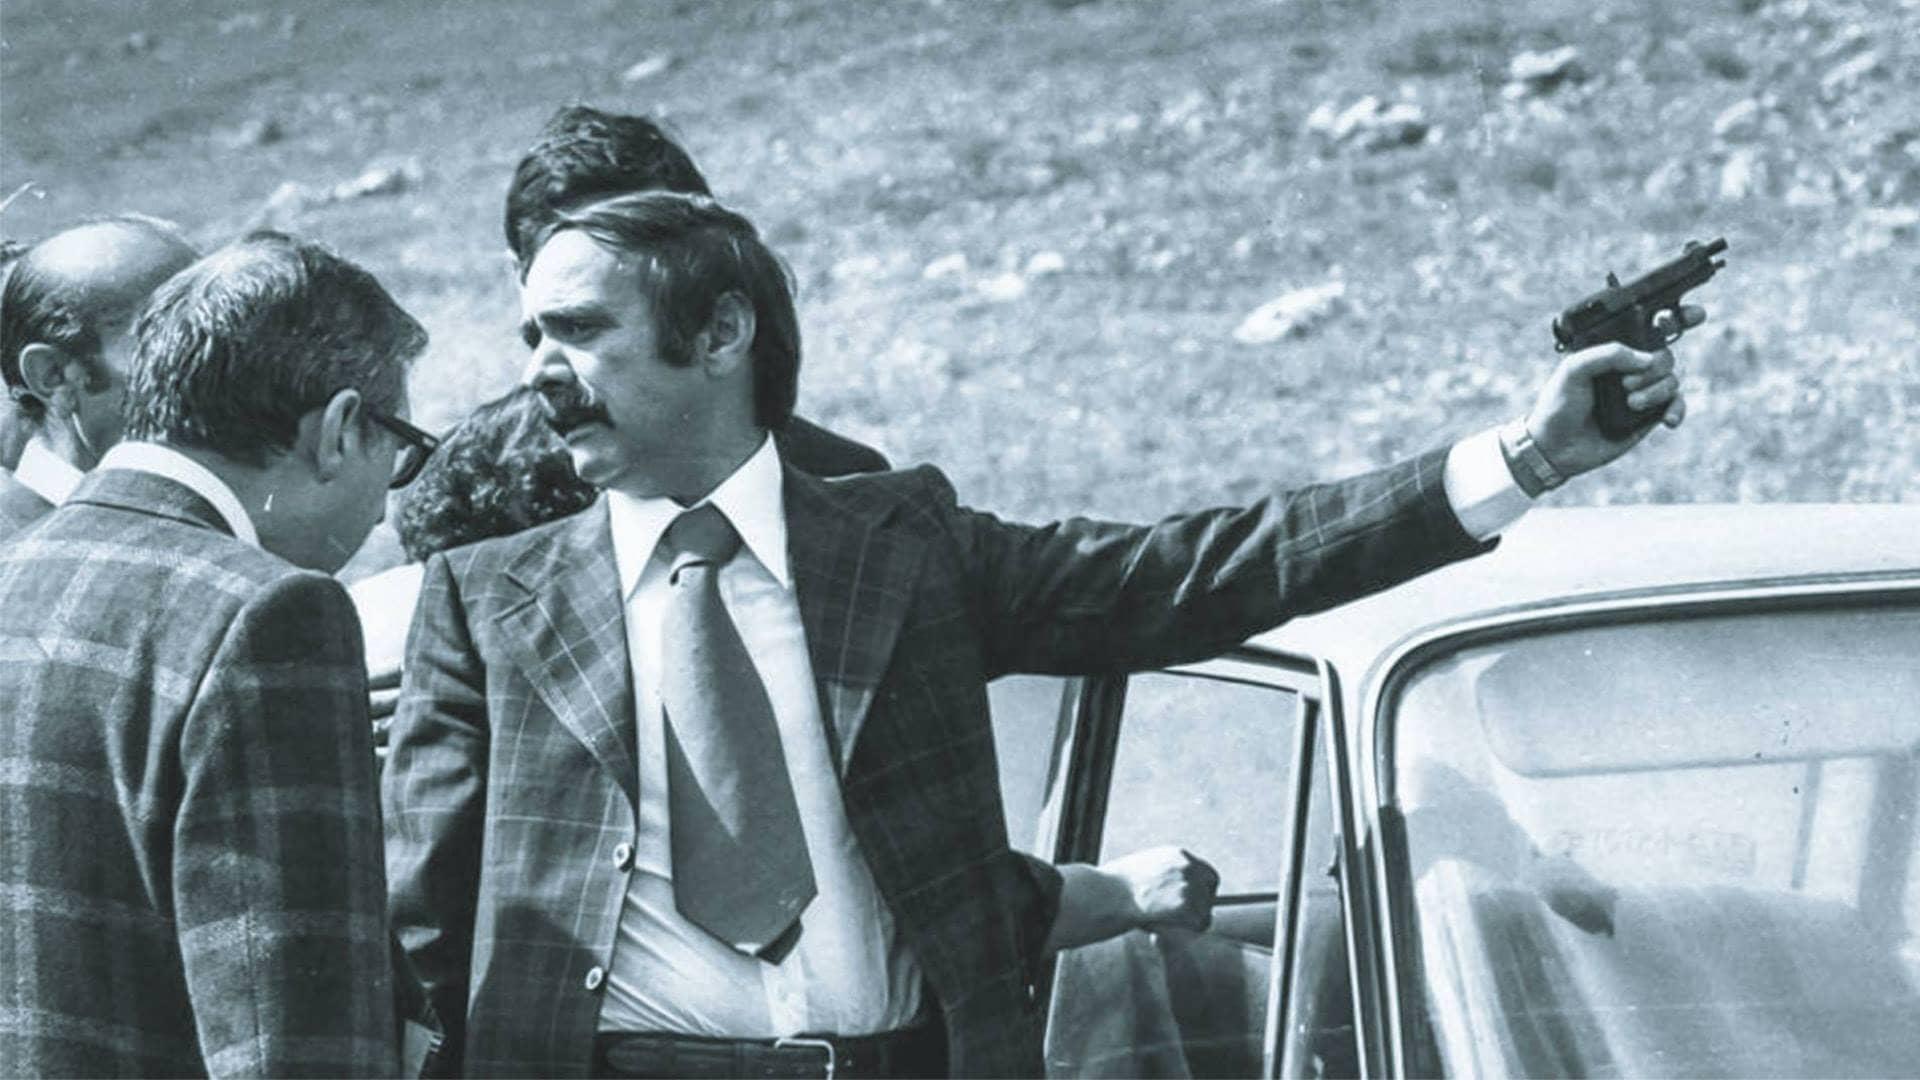 Boris Giuliano non aveva paura di niente: sparate voi, spariamo noi